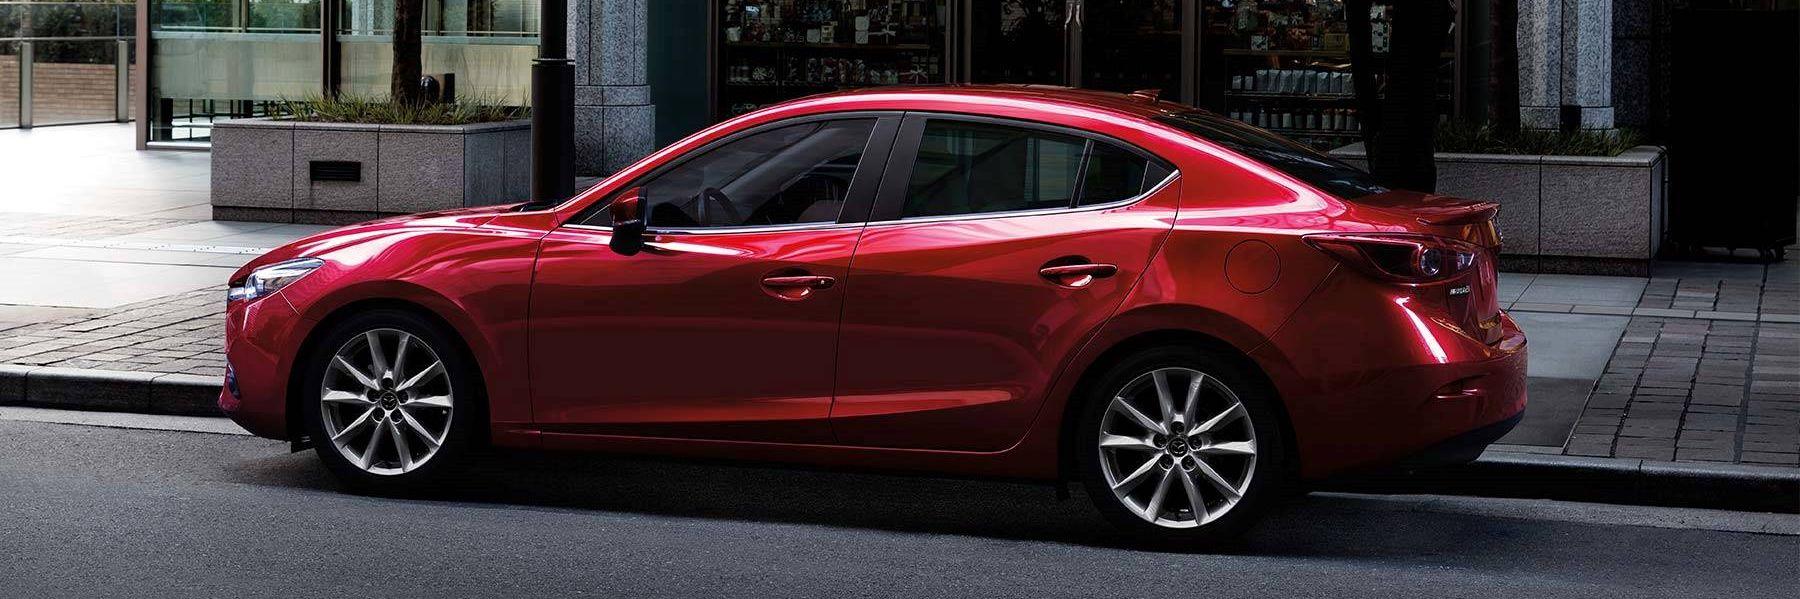 2018 Mazda3 Financing near Lodi, CA